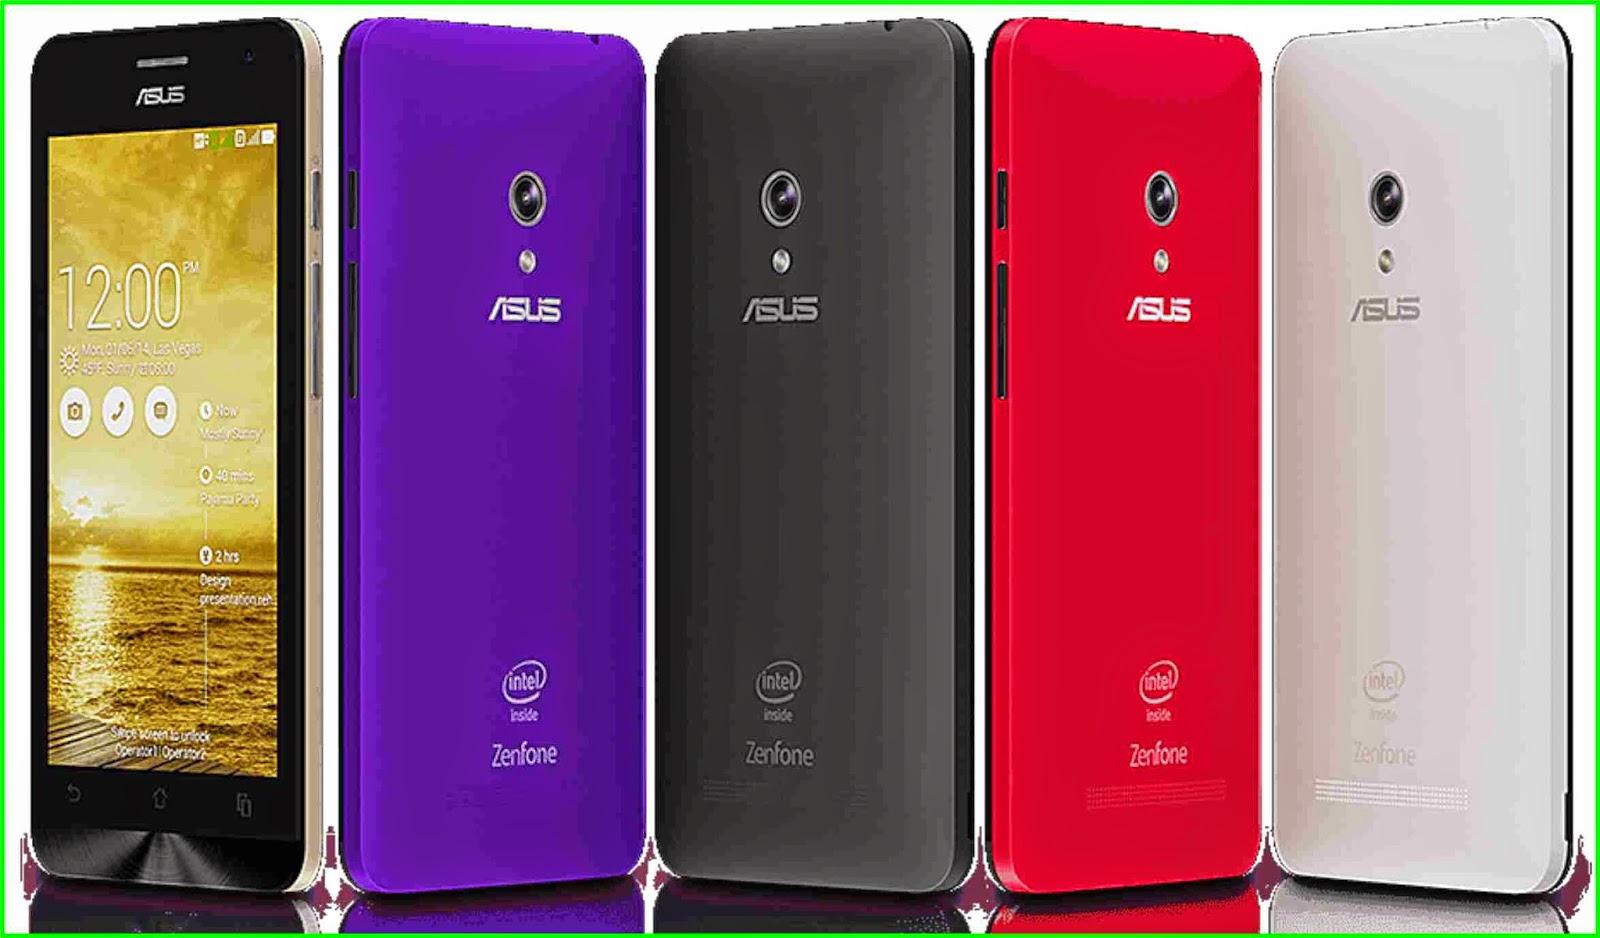 Berbagai Macam Handphone Android Terbaik,asus zenfone 5,